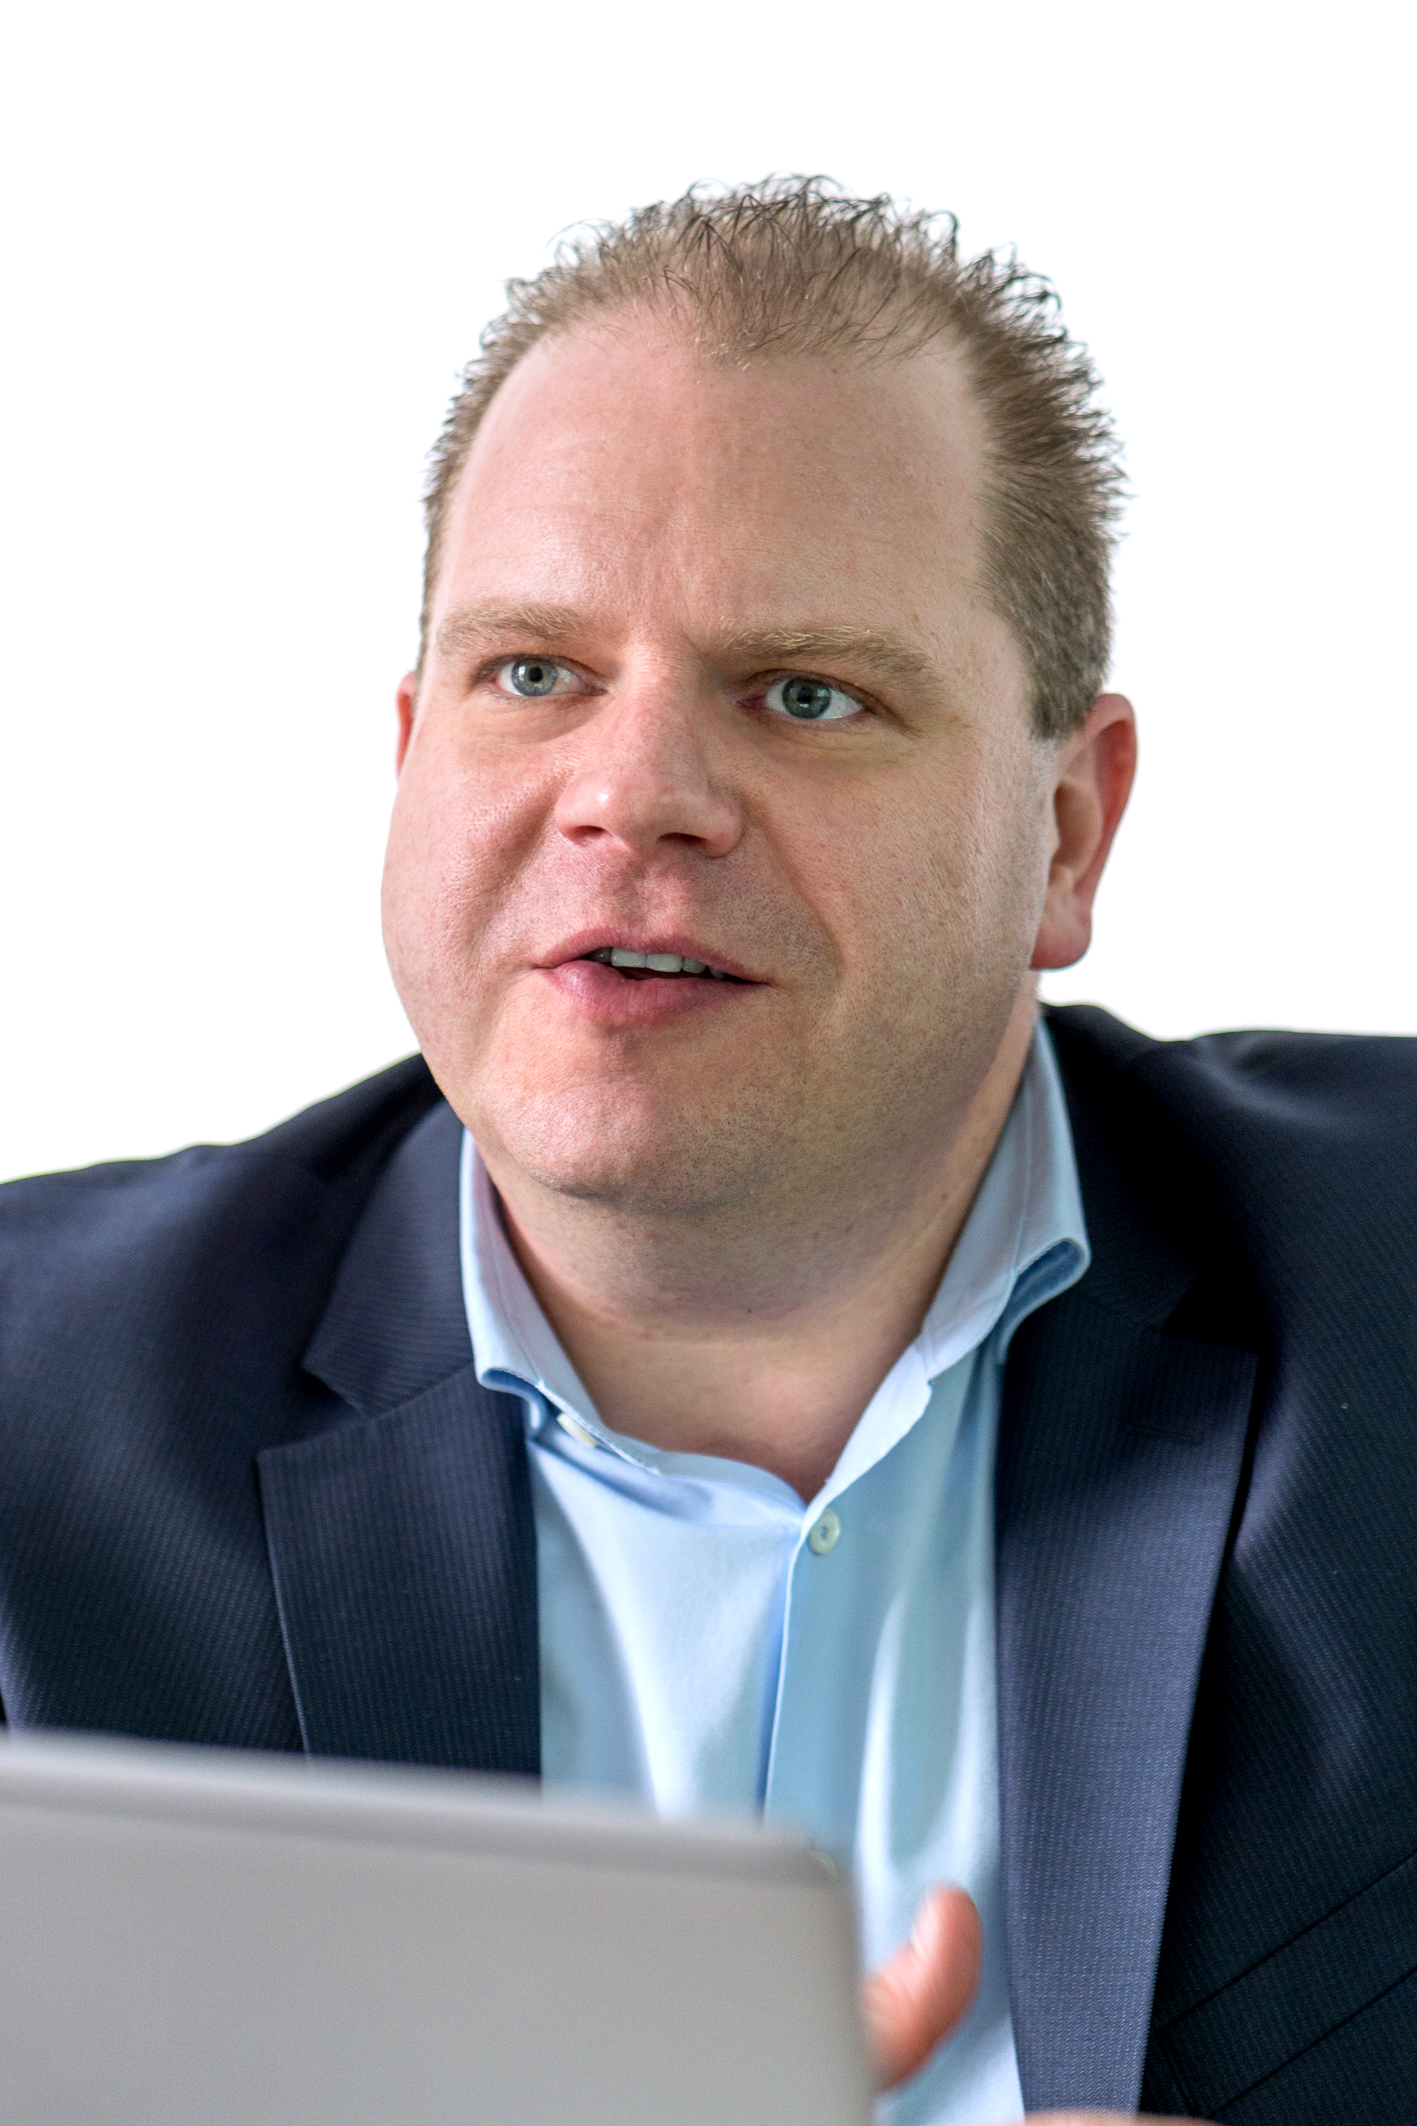 Stefan Brinkmann, Geschäftsführender Gesellschafter der B+S Logistik GmbH, sieht beim Geschäftsmodell Onlinehandel noch viel Optimierungs- und Verbesserungspotential.